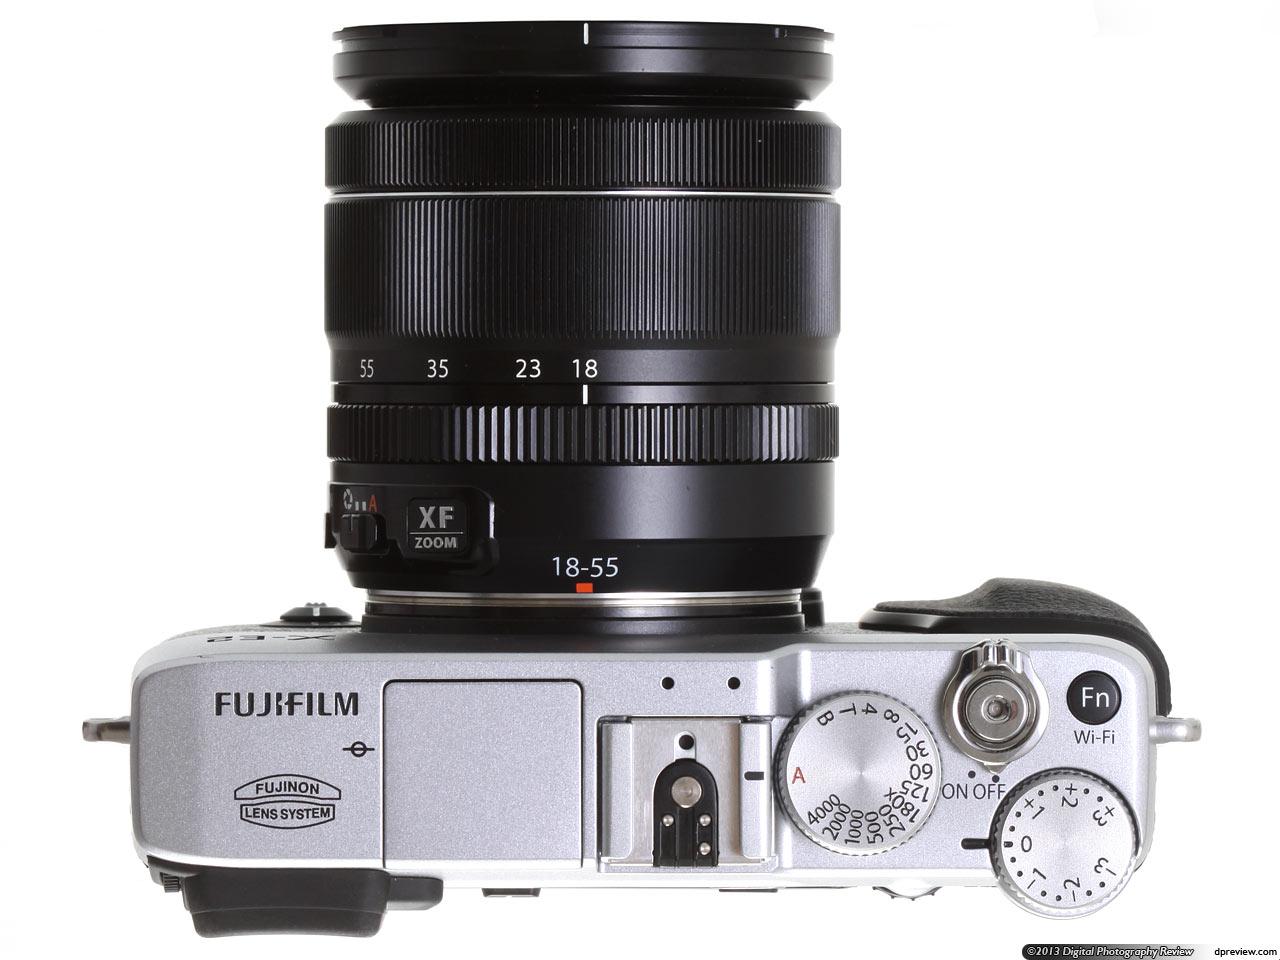 разных начинок фотоаппарат фуджи ошибка флешки многих случаях